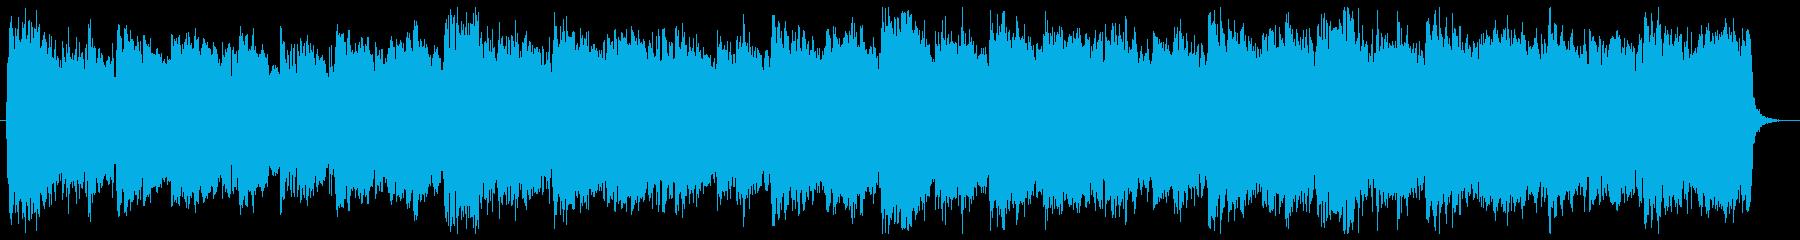 シンセと弦のクールでダークなCM音楽の再生済みの波形